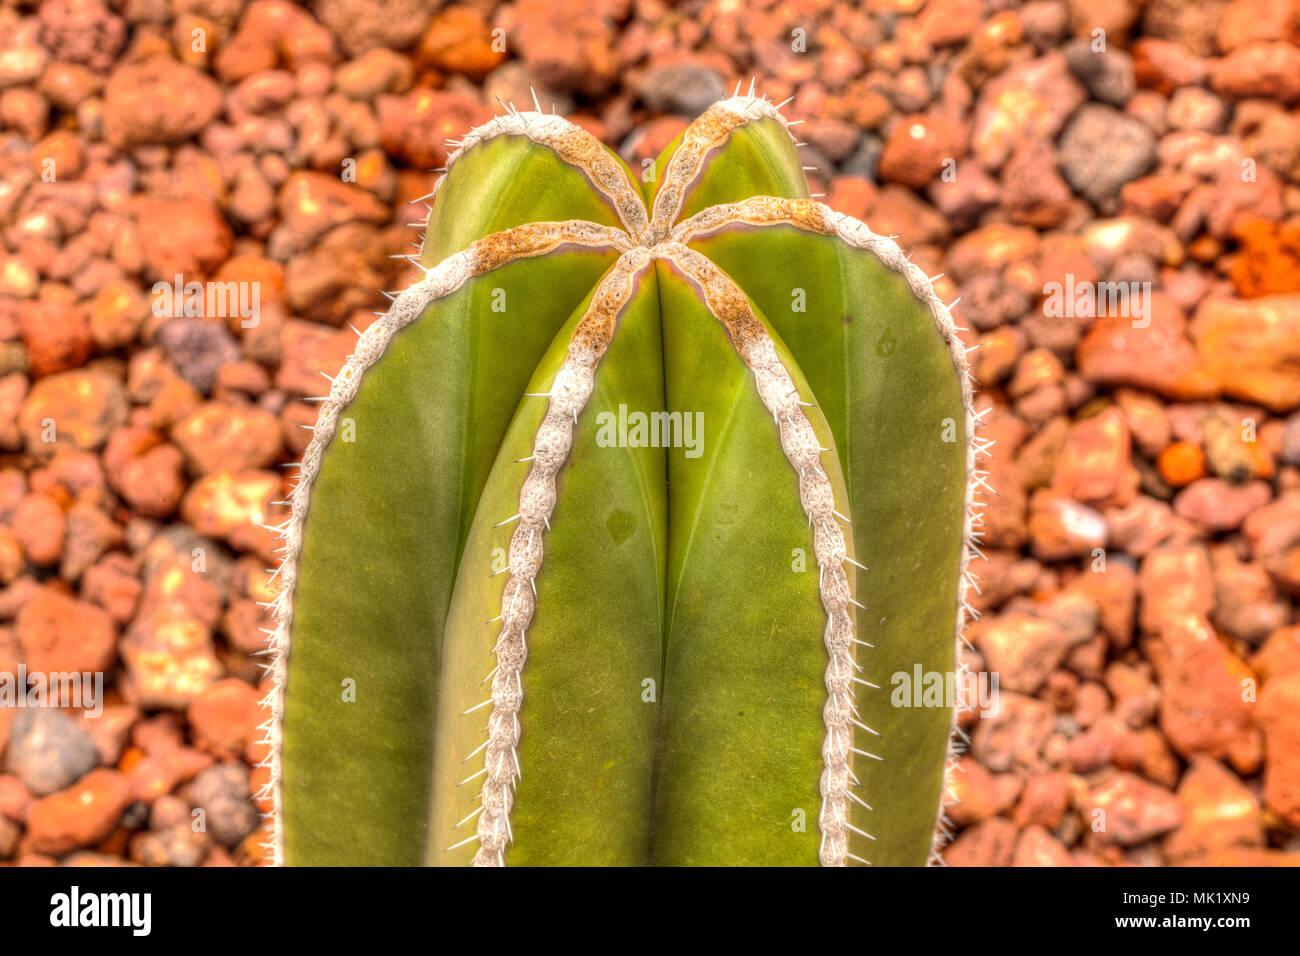 Parque bicentenario stock photos parque bicentenario for Cactus santiago